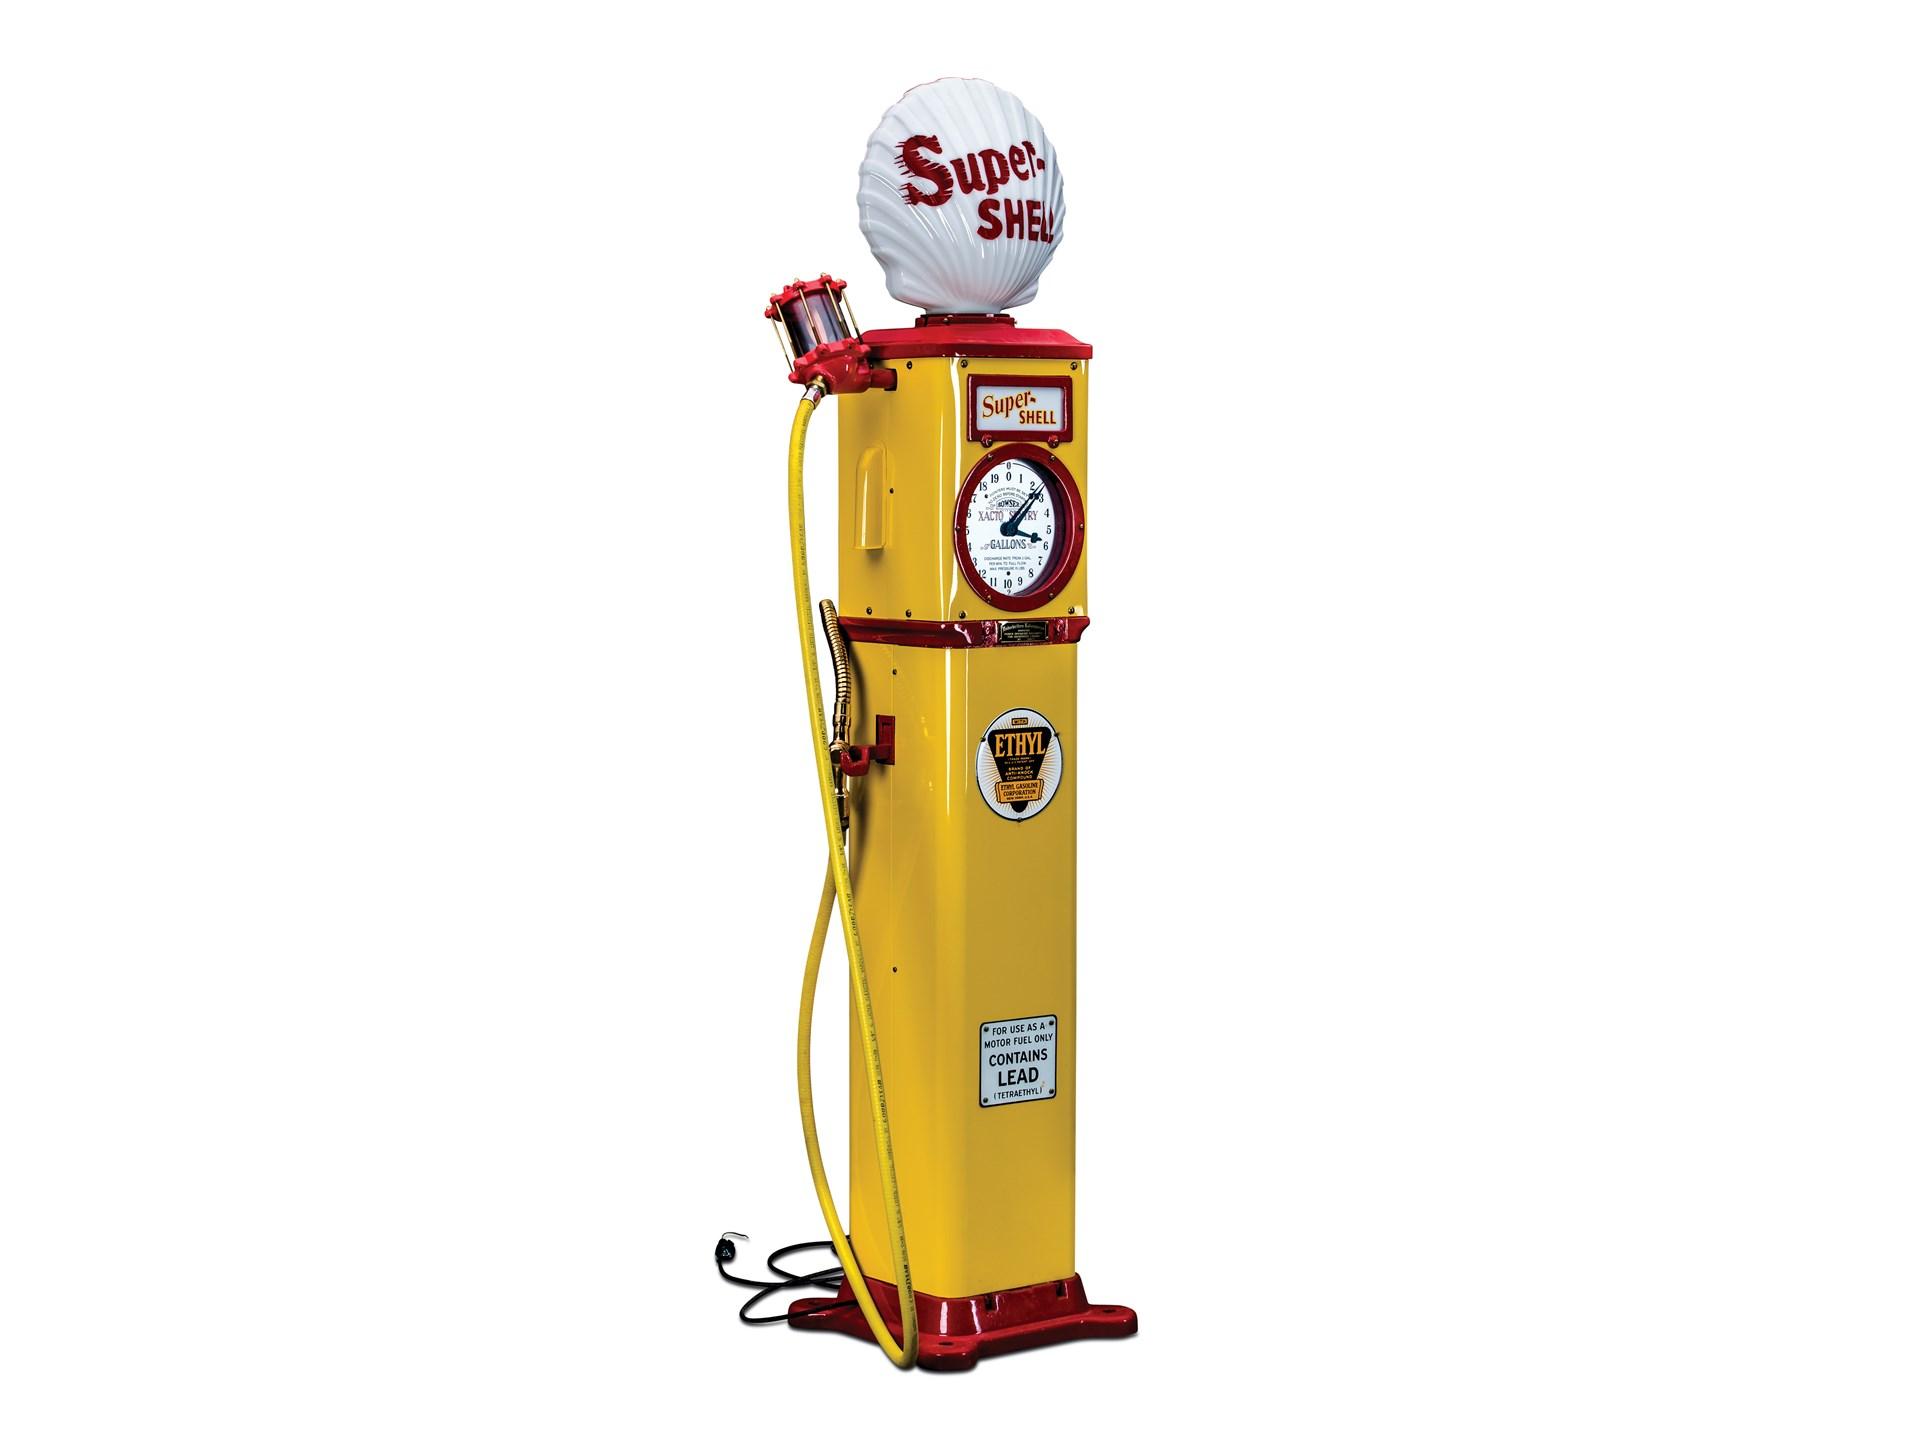 RM Sotheby's - Bowser Xacto Sentry Clock Face Gas Pump